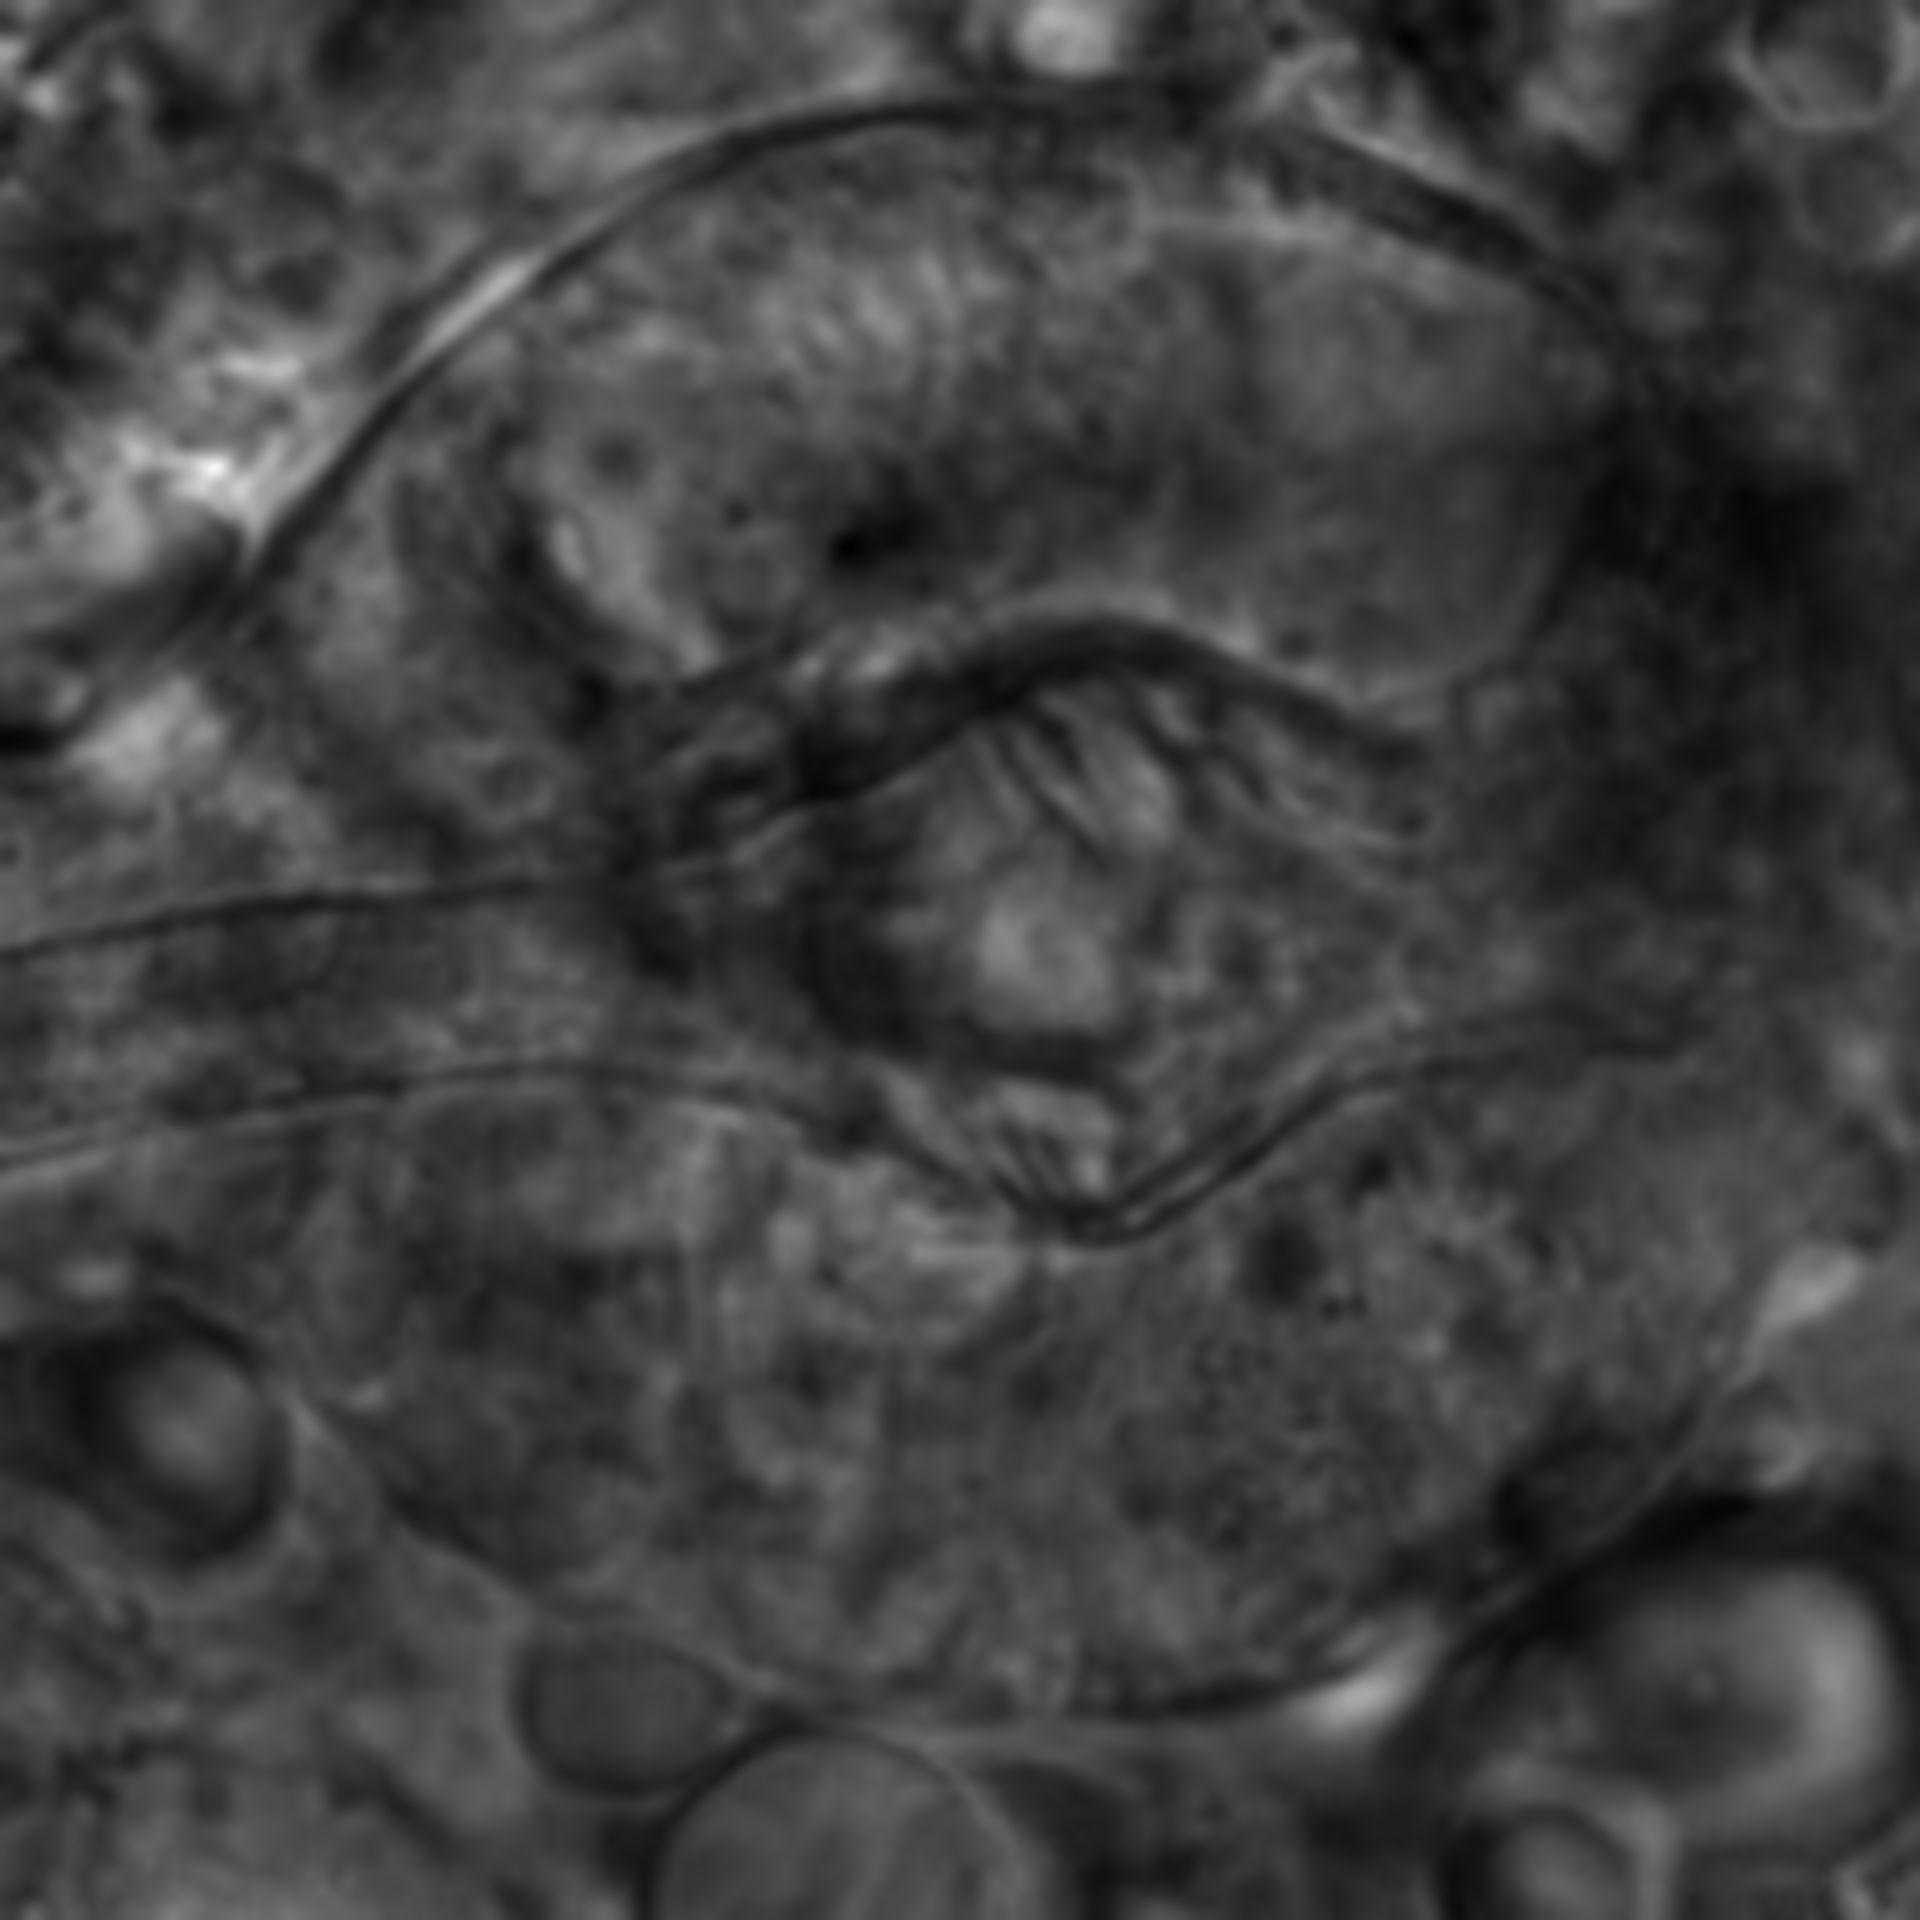 Caenorhabditis elegans - CIL:2624